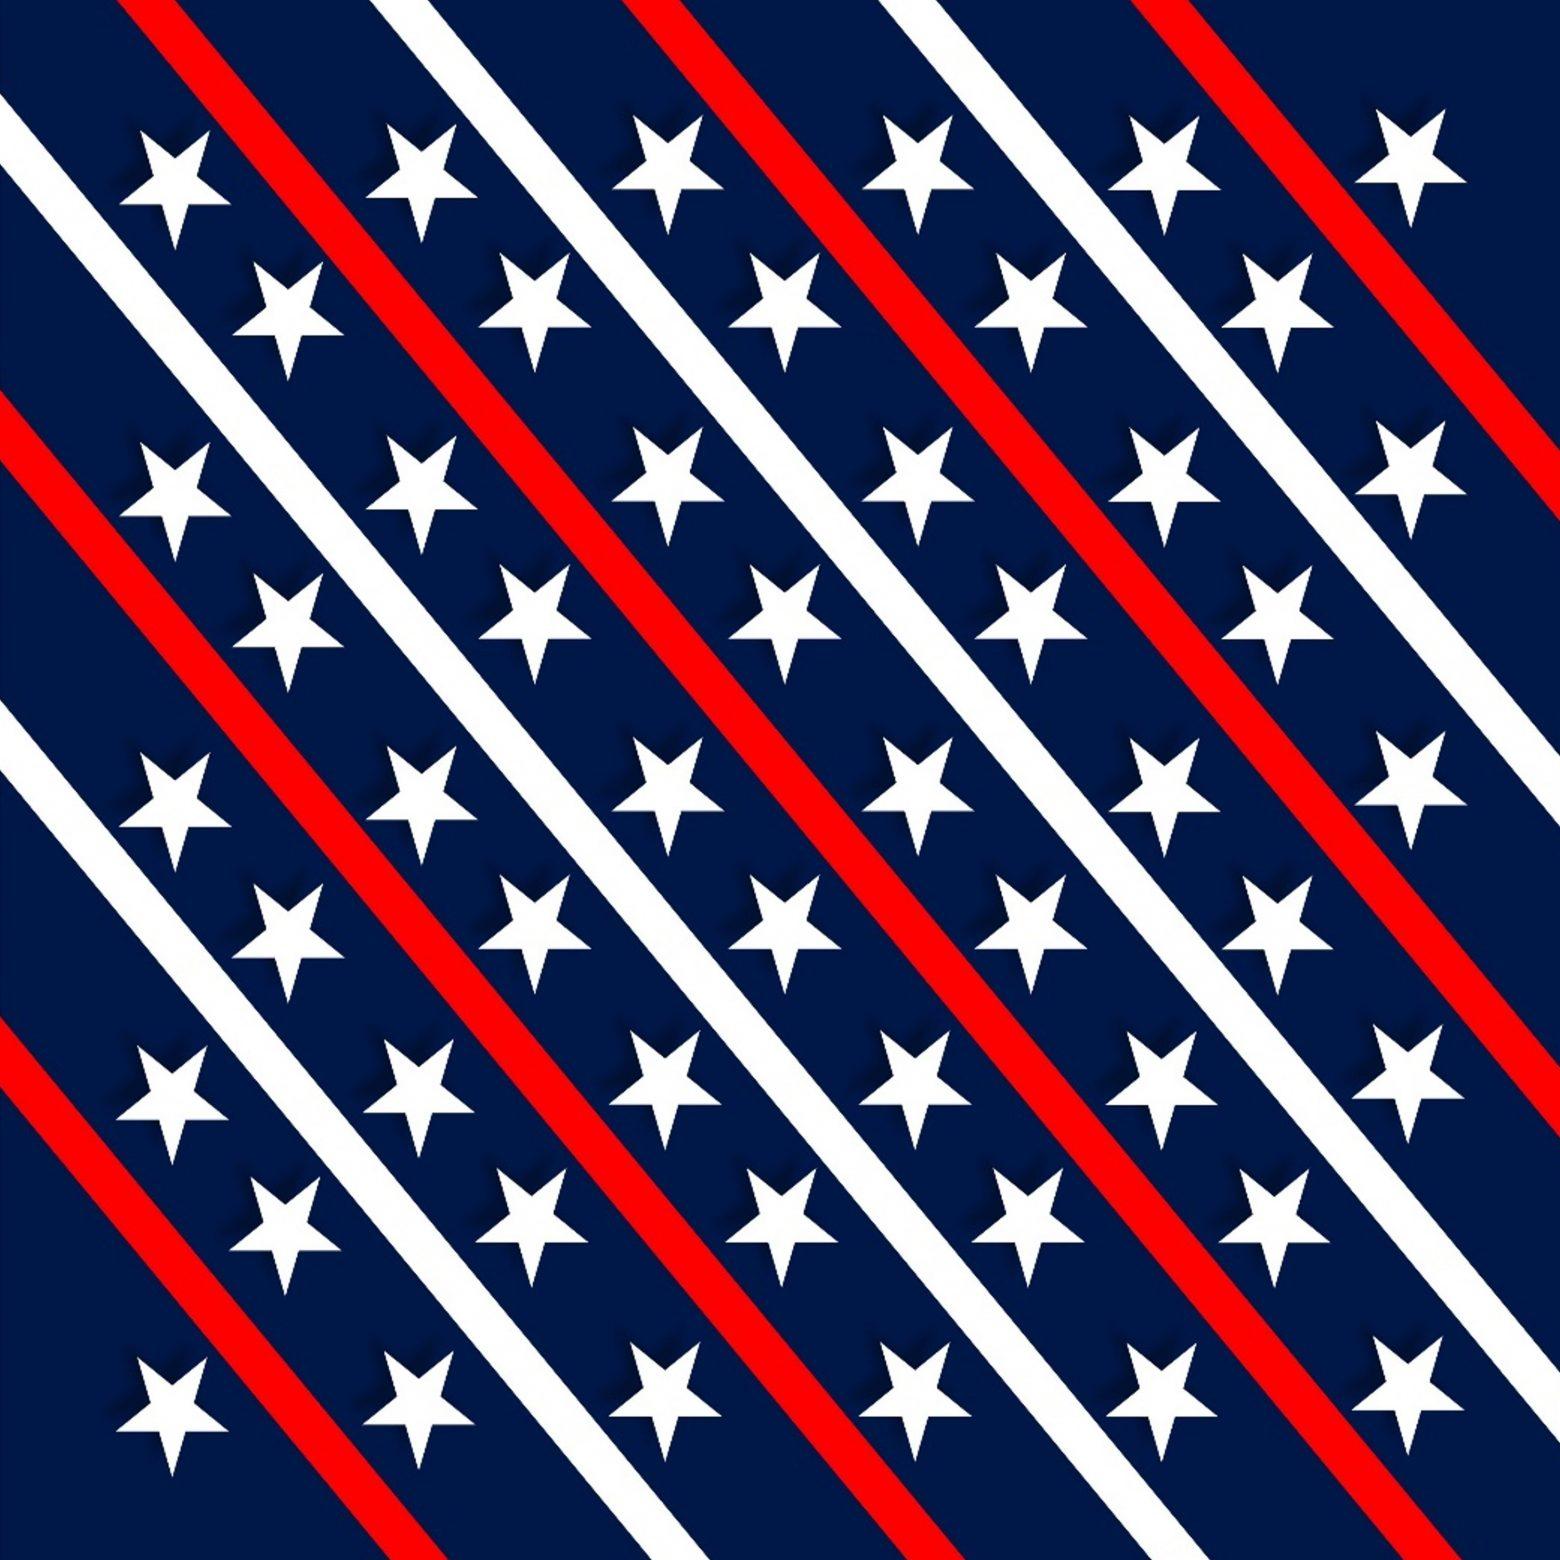 patriotic-1451497